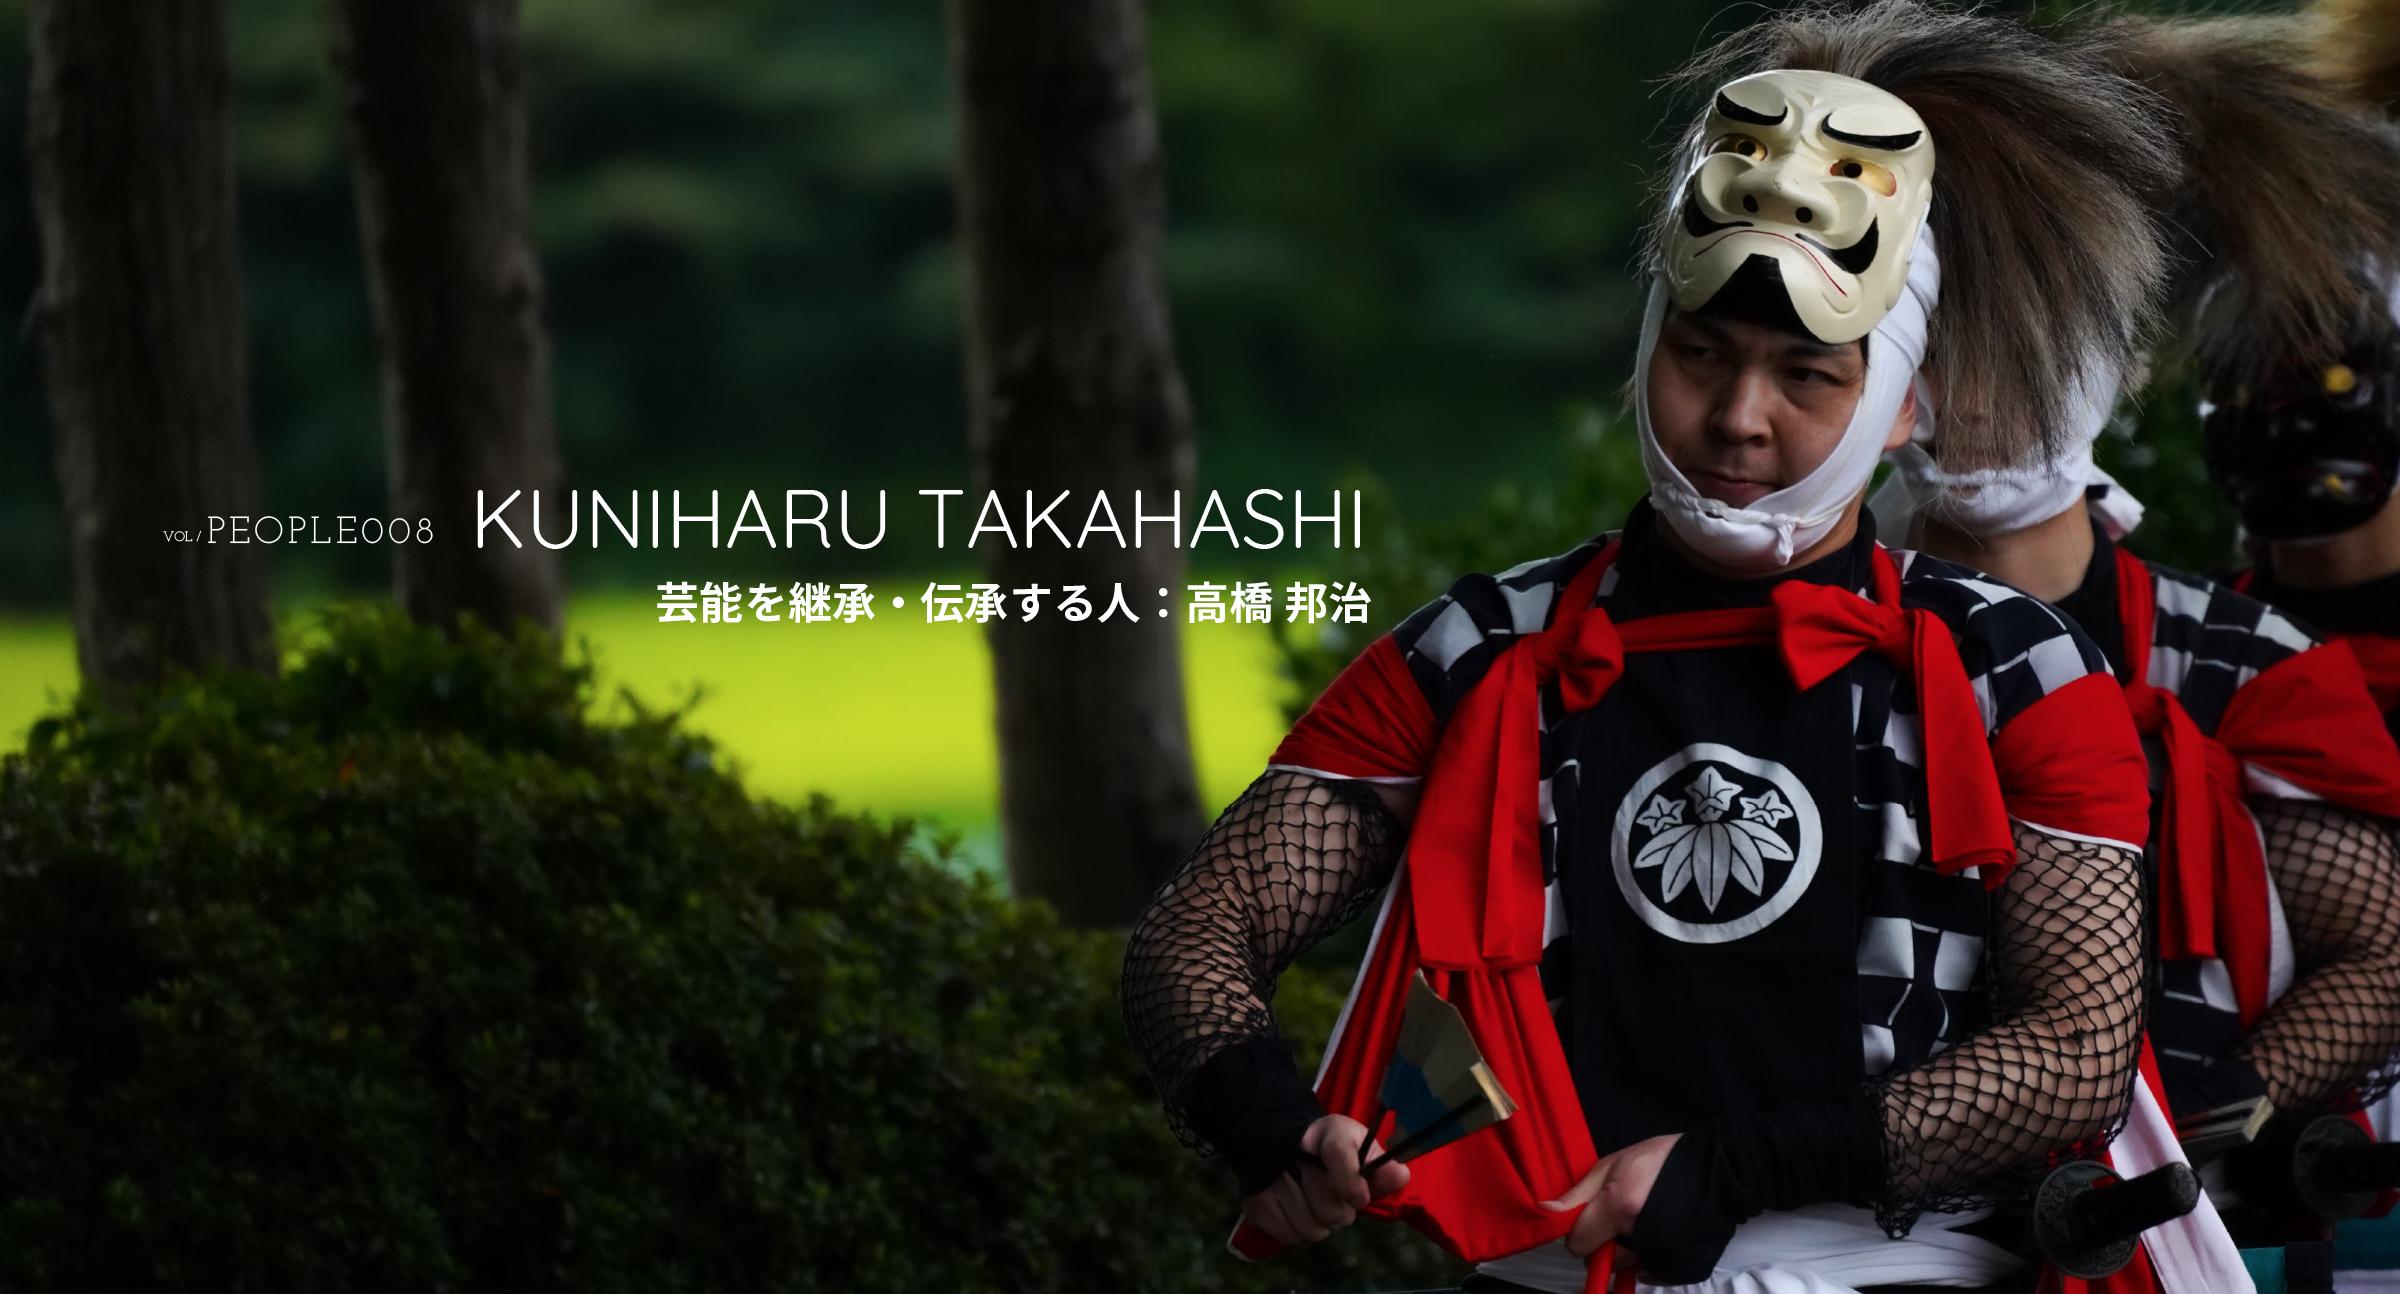 VOL / PEOPLE 008 KUNIHARU TAKAHASHI